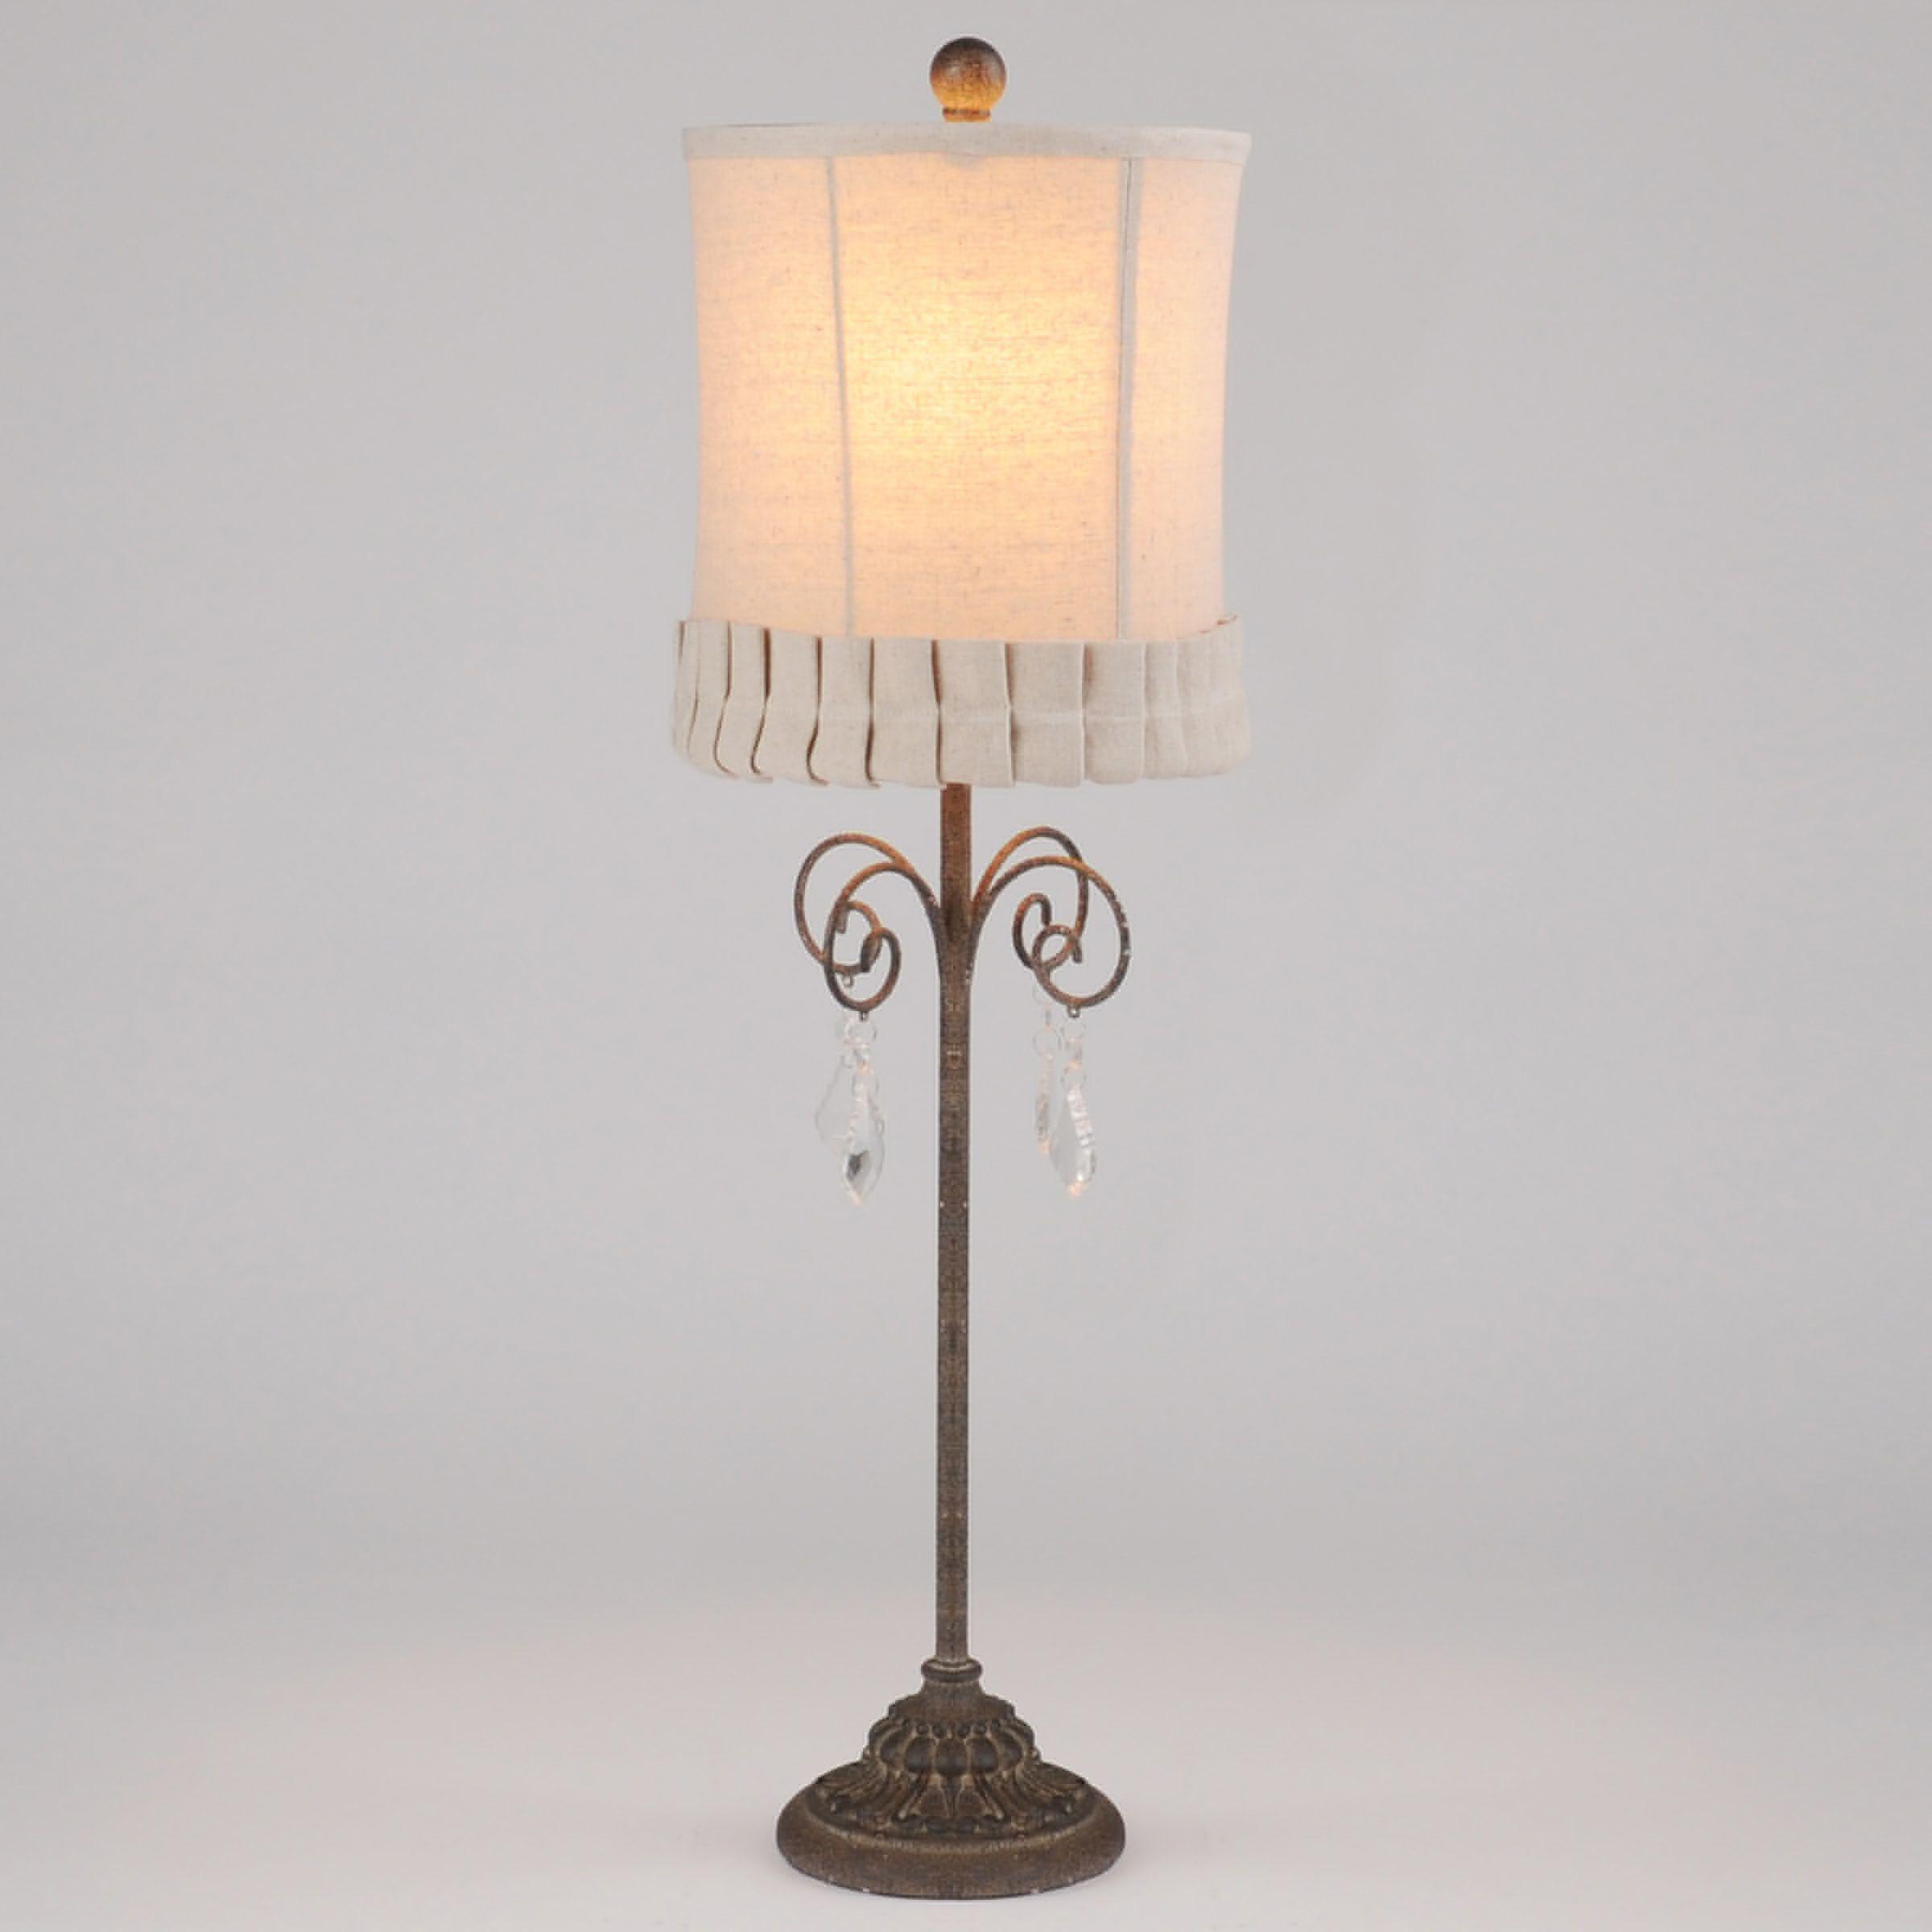 Full Size of Wohnzimmer Lampe Stehend Led Klein Holz Ikea Stand Up Lampen Decken Design Blau Leuchter Buffet Moderne Deckenleuchte Stehlampe Liege Deckenleuchten Bad Wohnzimmer Wohnzimmer Lampe Stehend